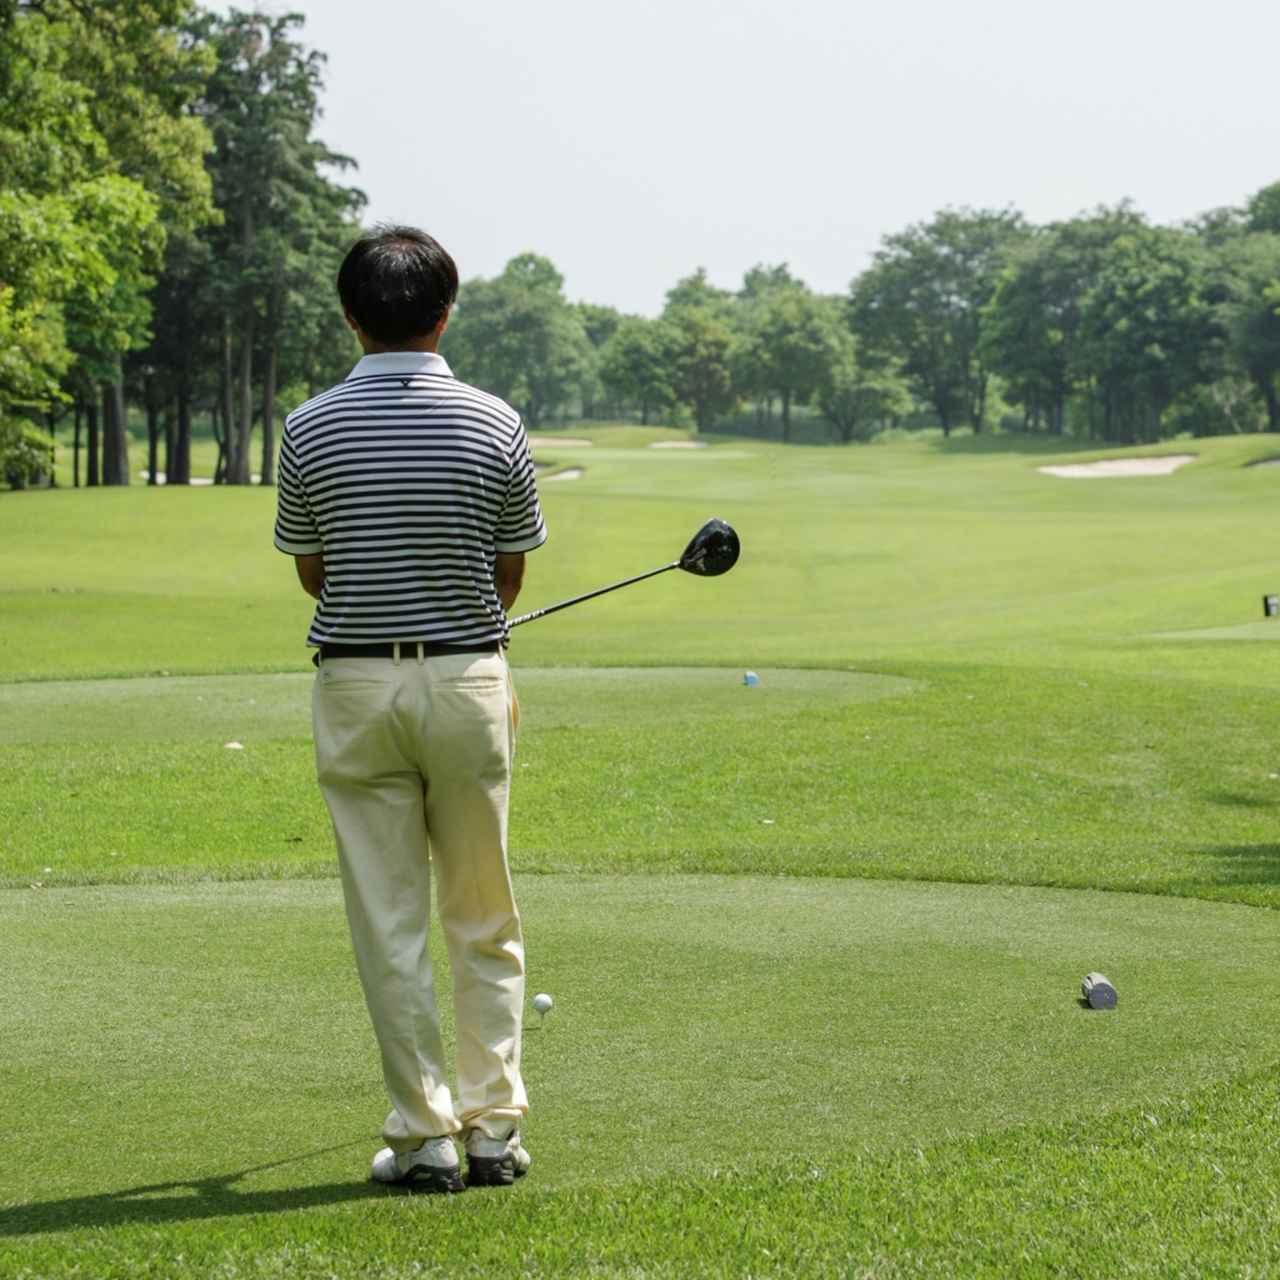 画像: 「右脳」を使った創造的なゴルフ をするためには、ショットの引き出しを増やすこと。応用力を身に つければ、どんな状況下でもスコアは安定する